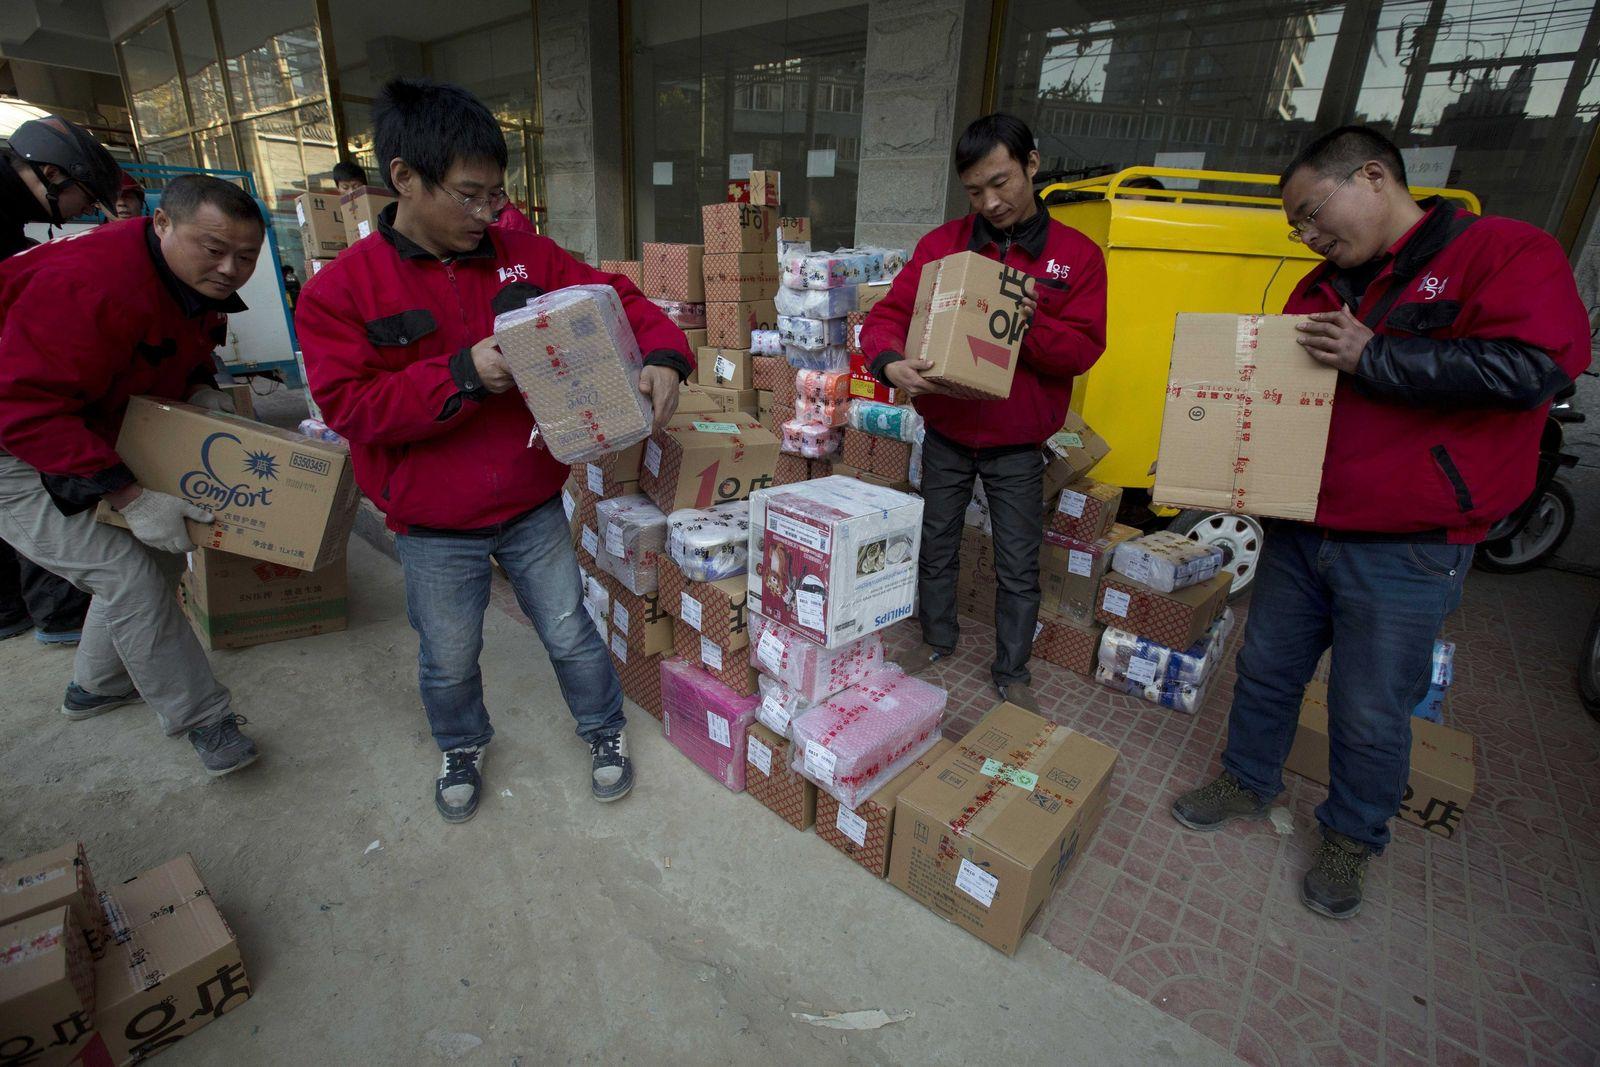 China wirtschaft paketboten